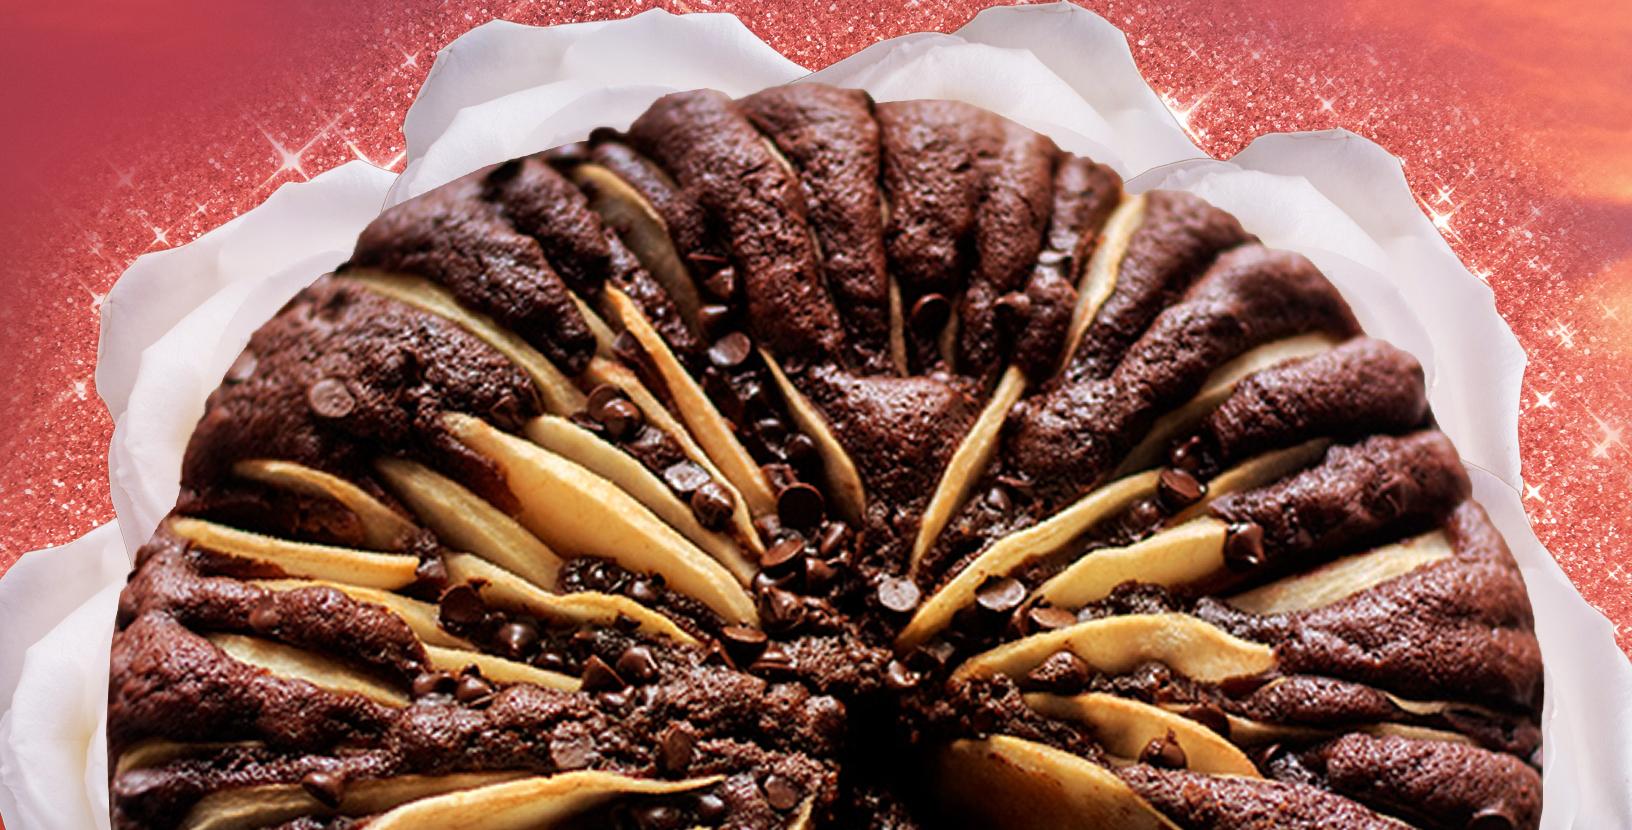 Torta pere e cioccolato for dummies: 3 consigli per un risultato assicurato